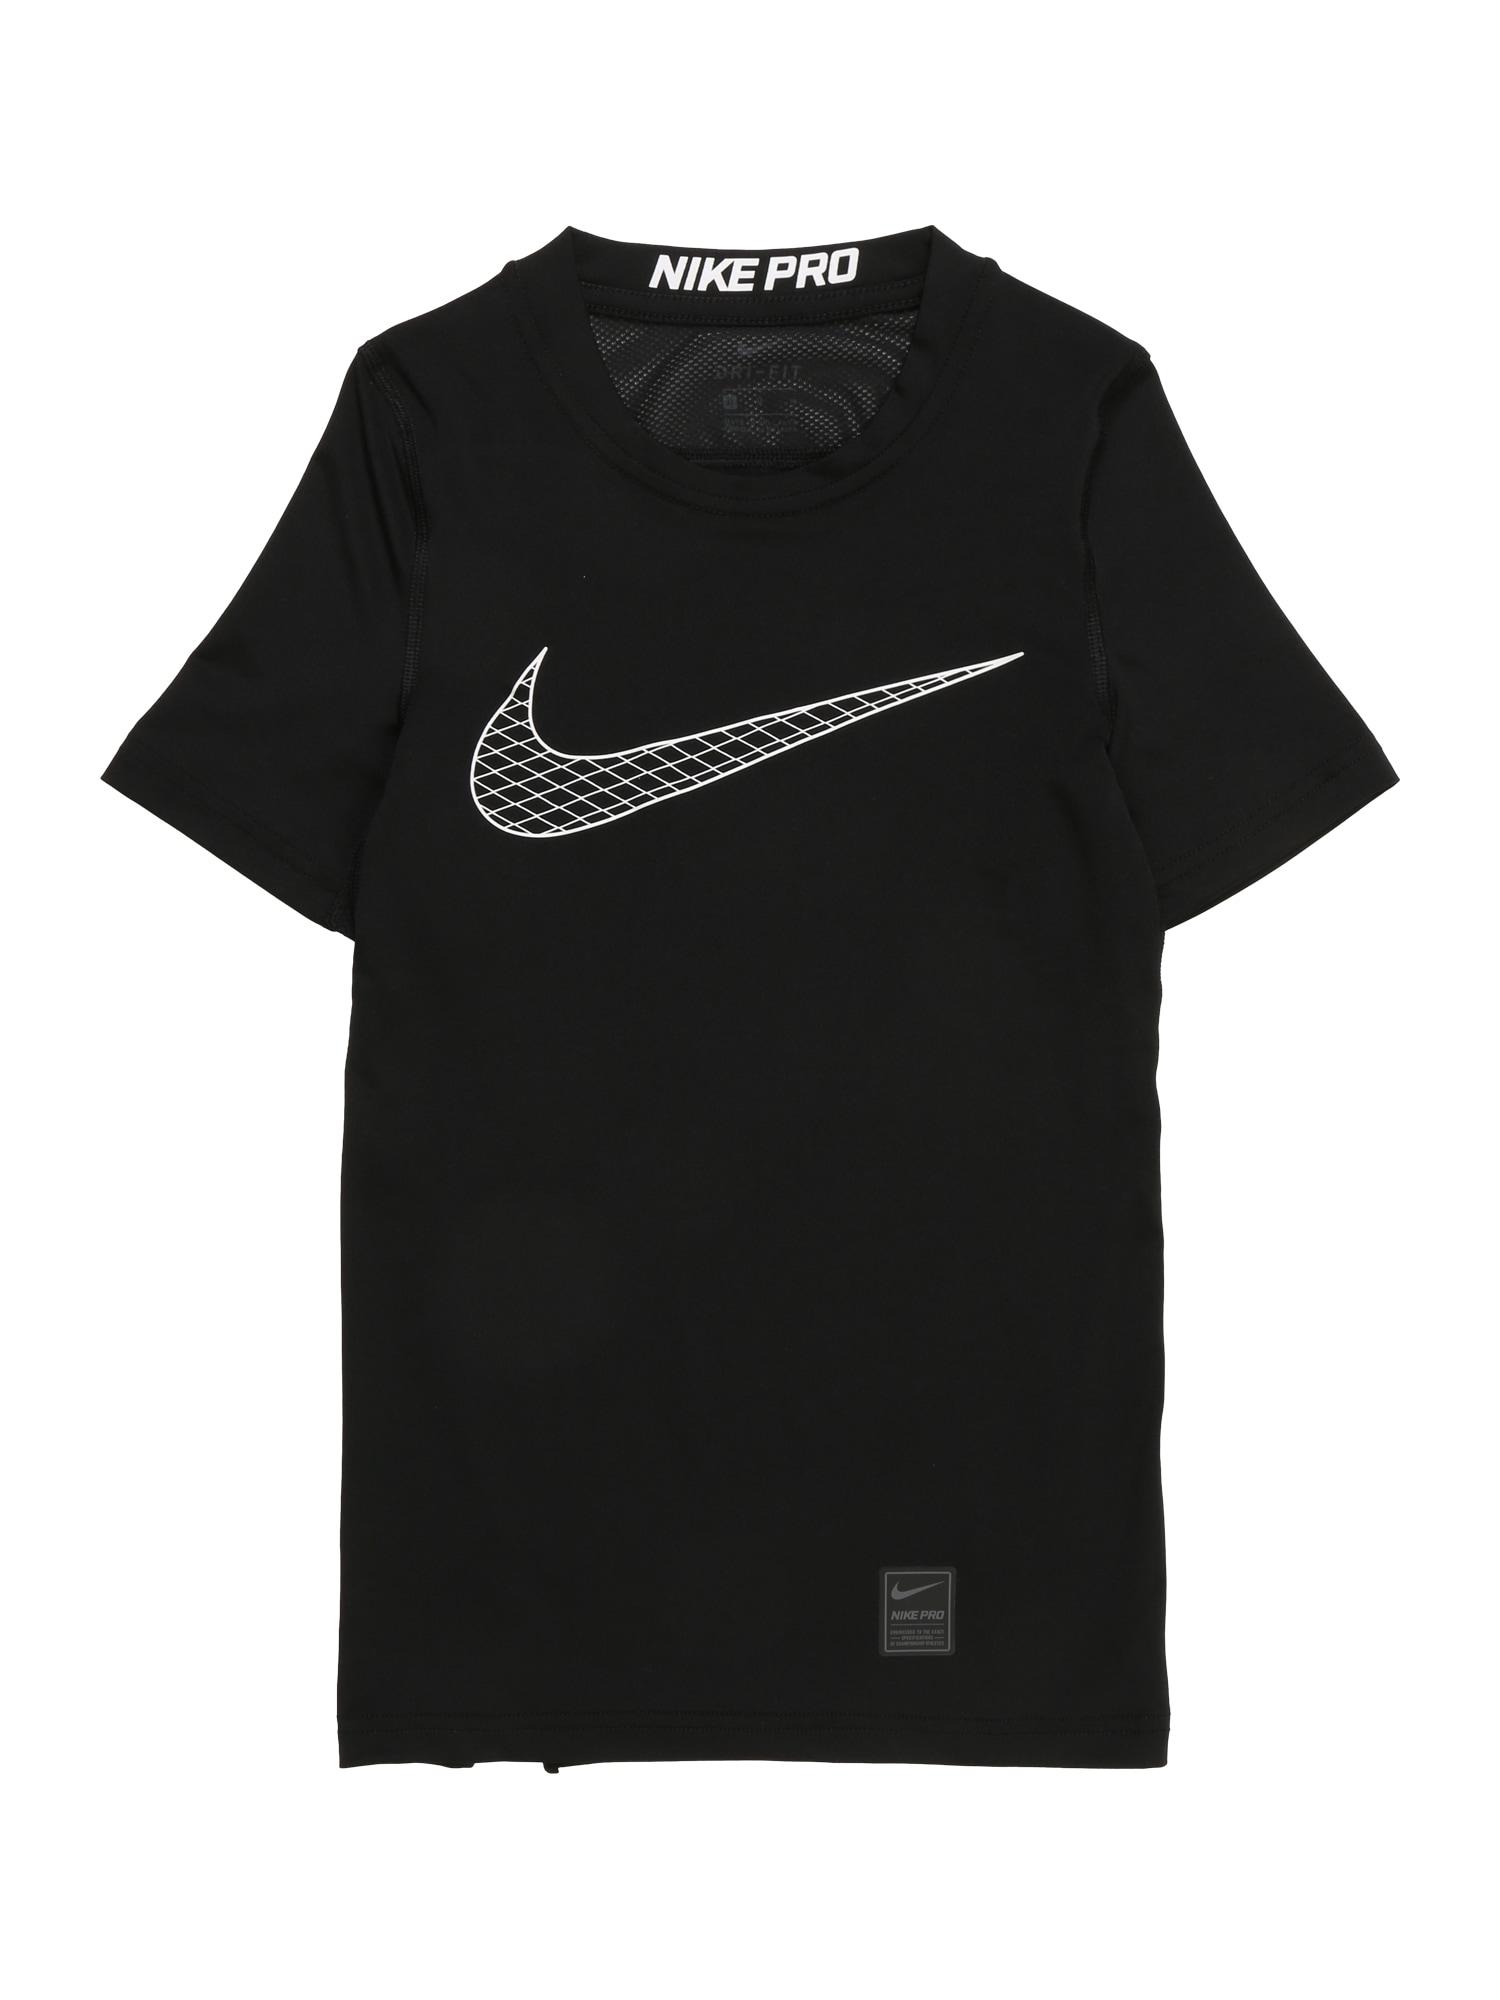 Funkční tričko Boys Nike Pro Top černá bílá NIKE